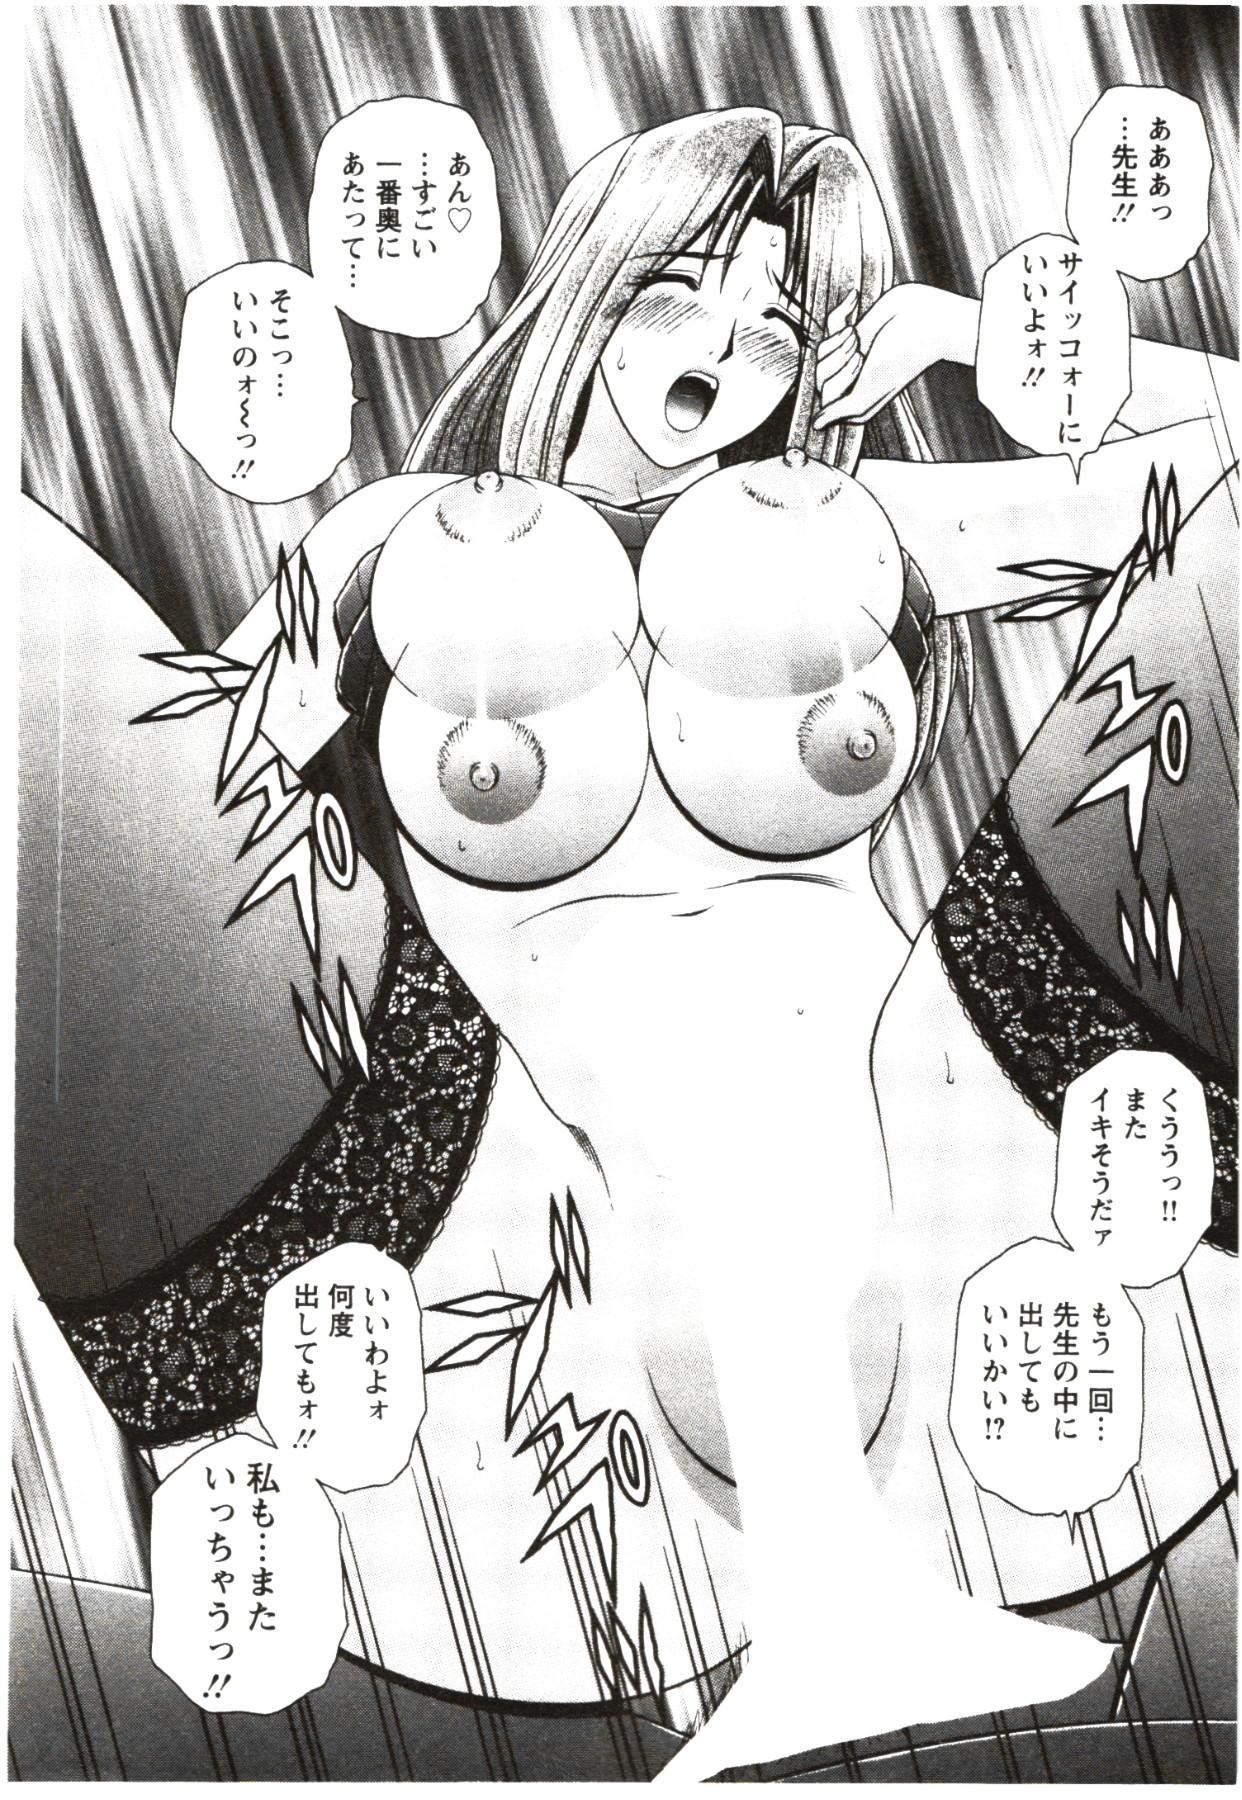 Futarigurashi 165